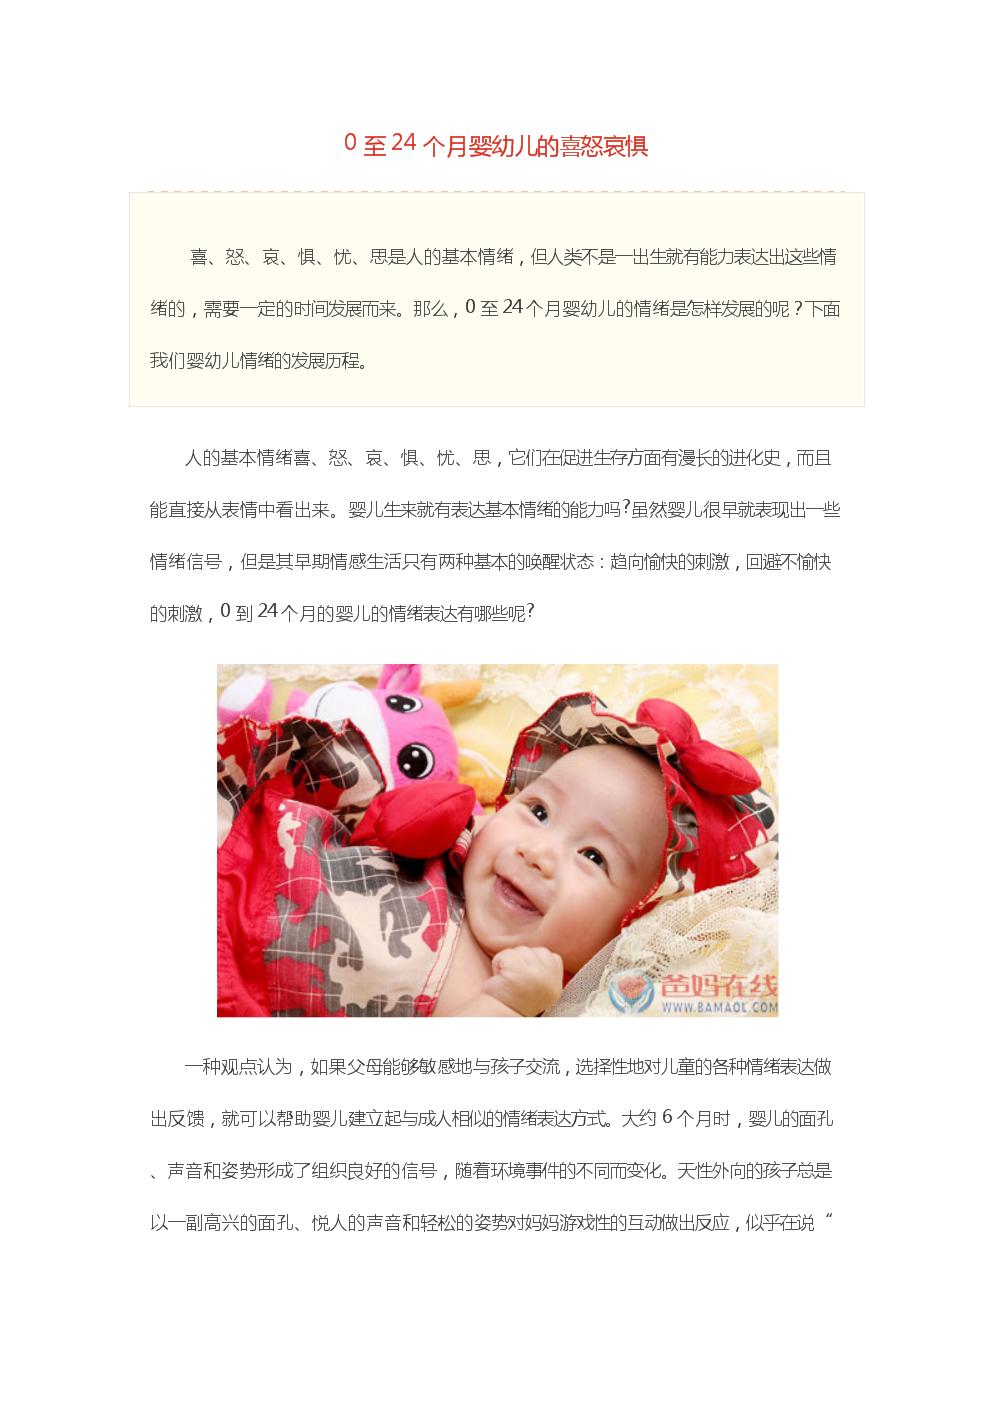 0至24个月婴幼儿的檄哀惧头像v头像.docx图片大全图片教案搞笑的汤姆图片